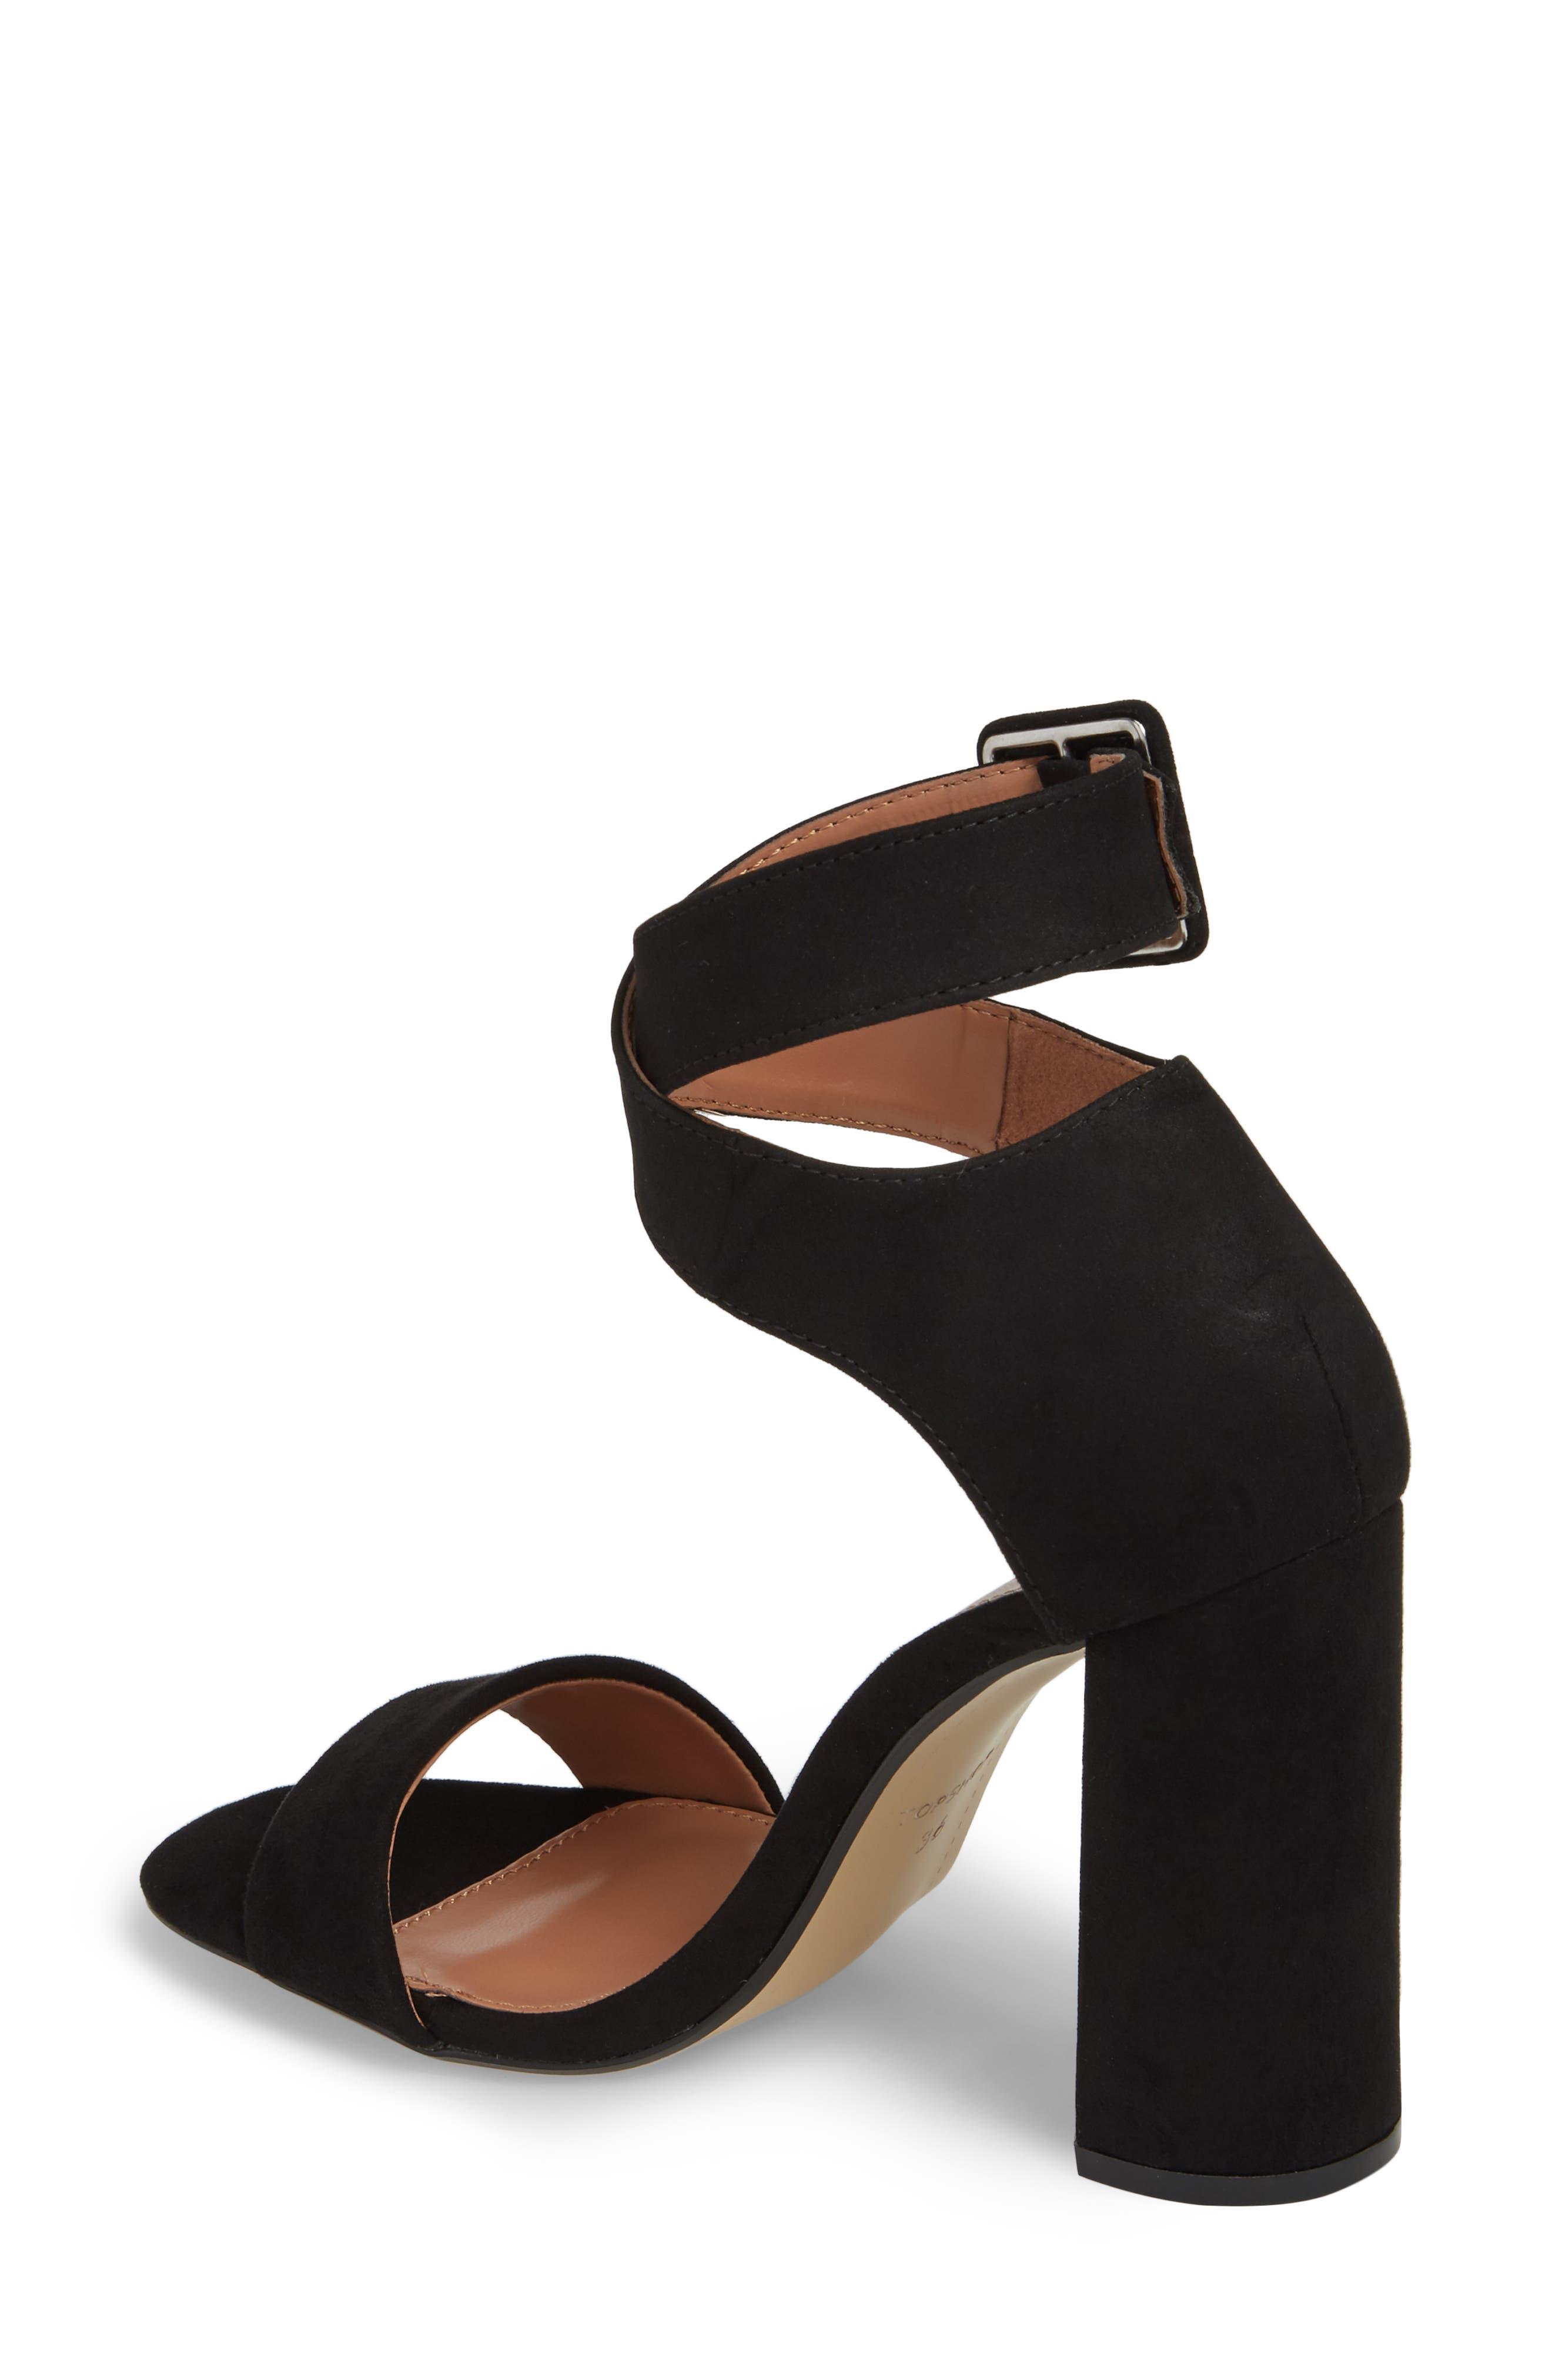 Sinitta Crossover Sandal,                             Alternate thumbnail 2, color,                             Black